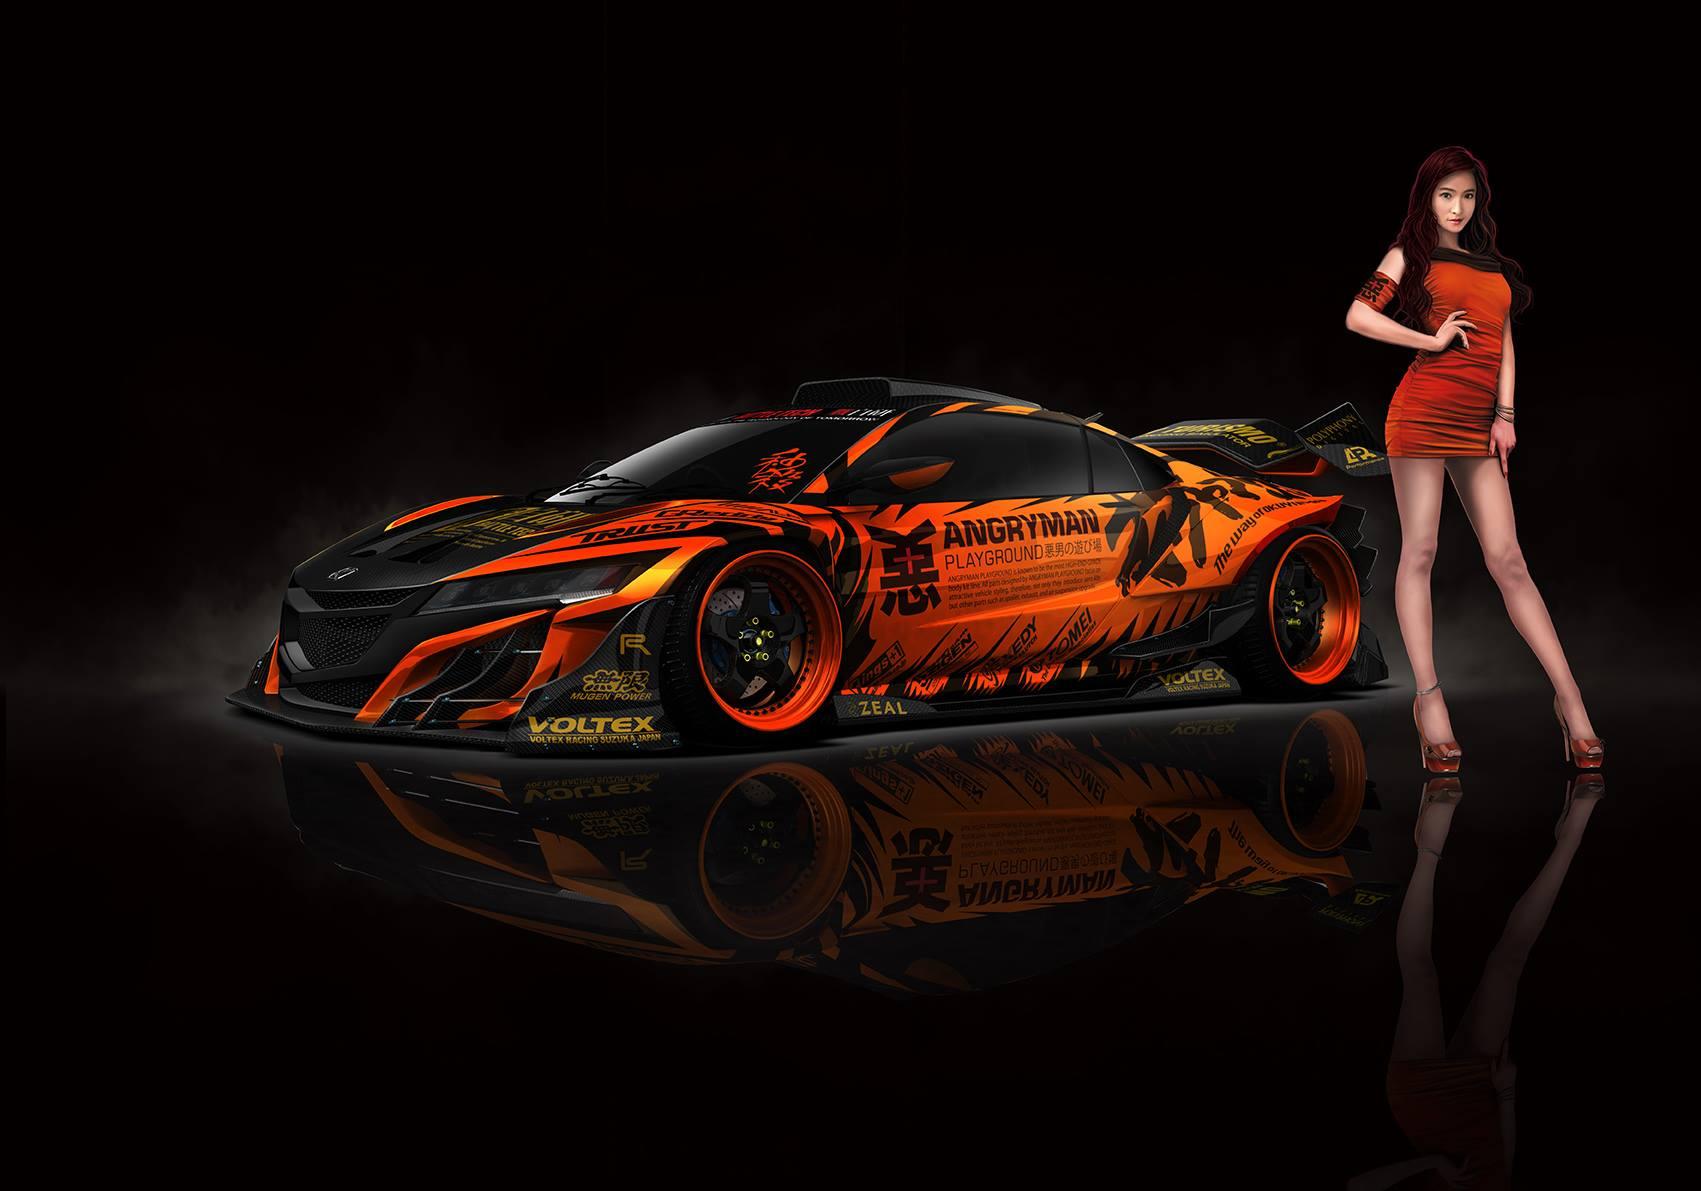 Artist Creates 2015 Honda NSX Super GT Race Car, Pits It Against GT-R - autoevolution